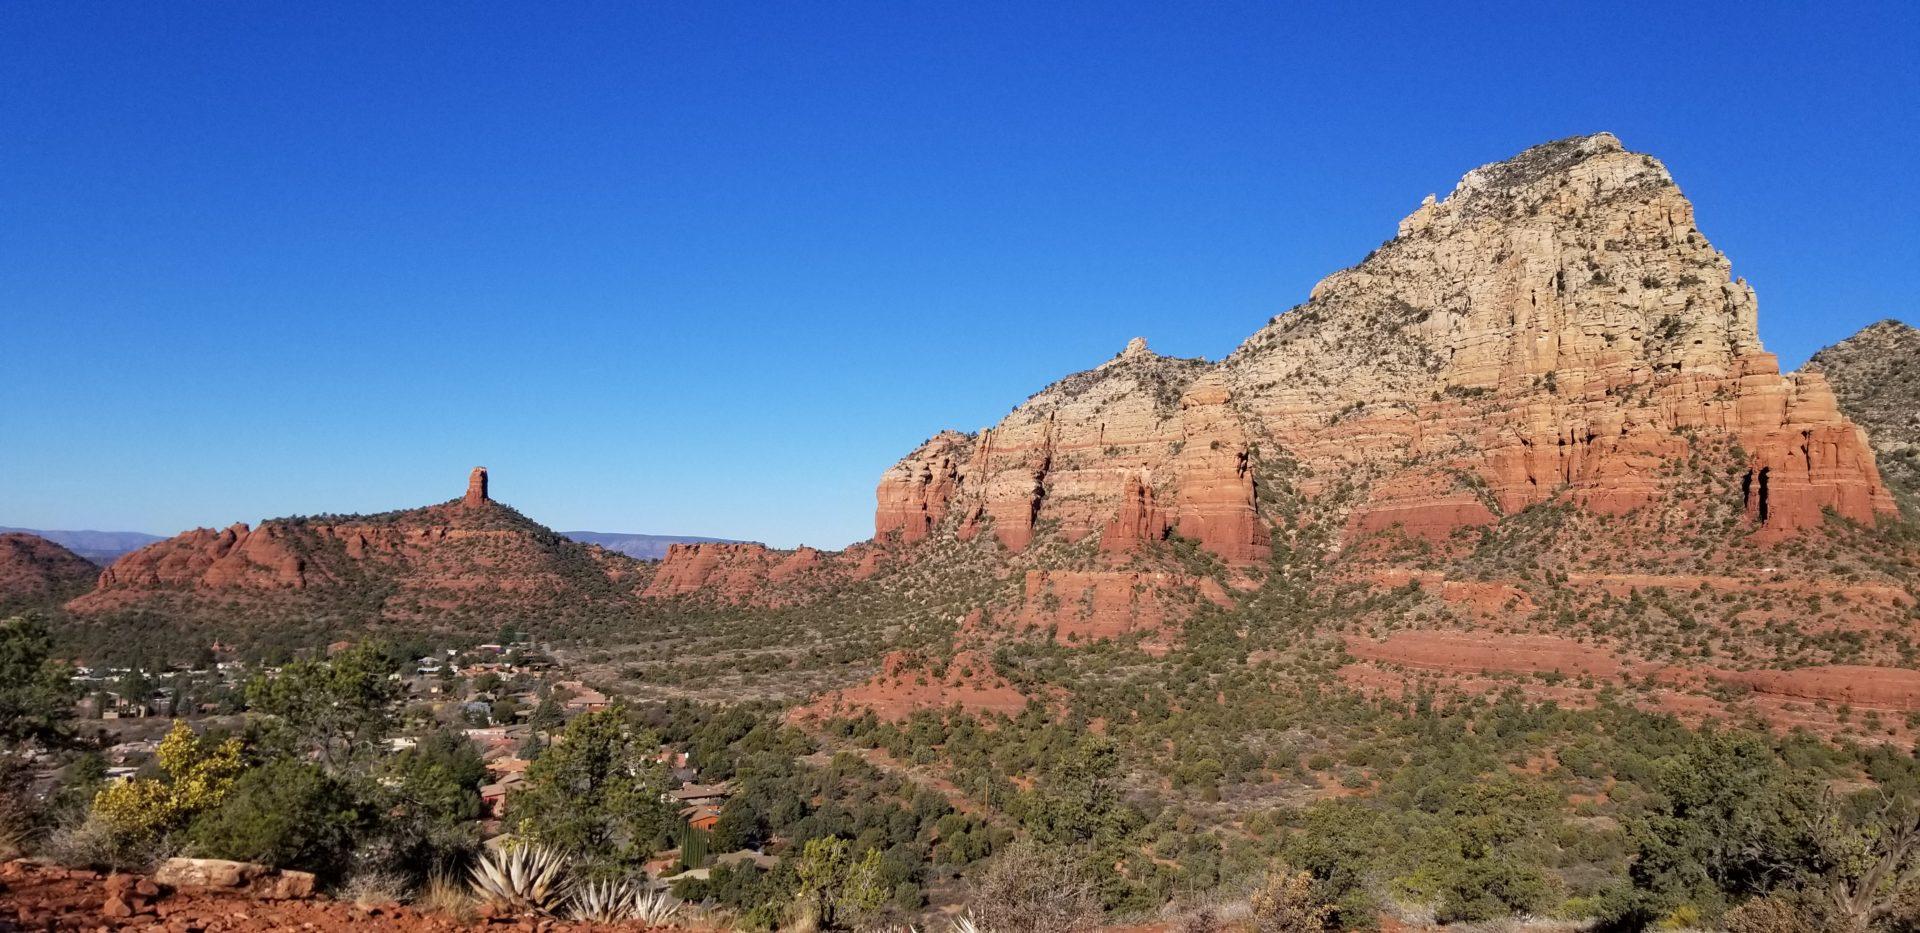 Red rocks of Sedona, AZ